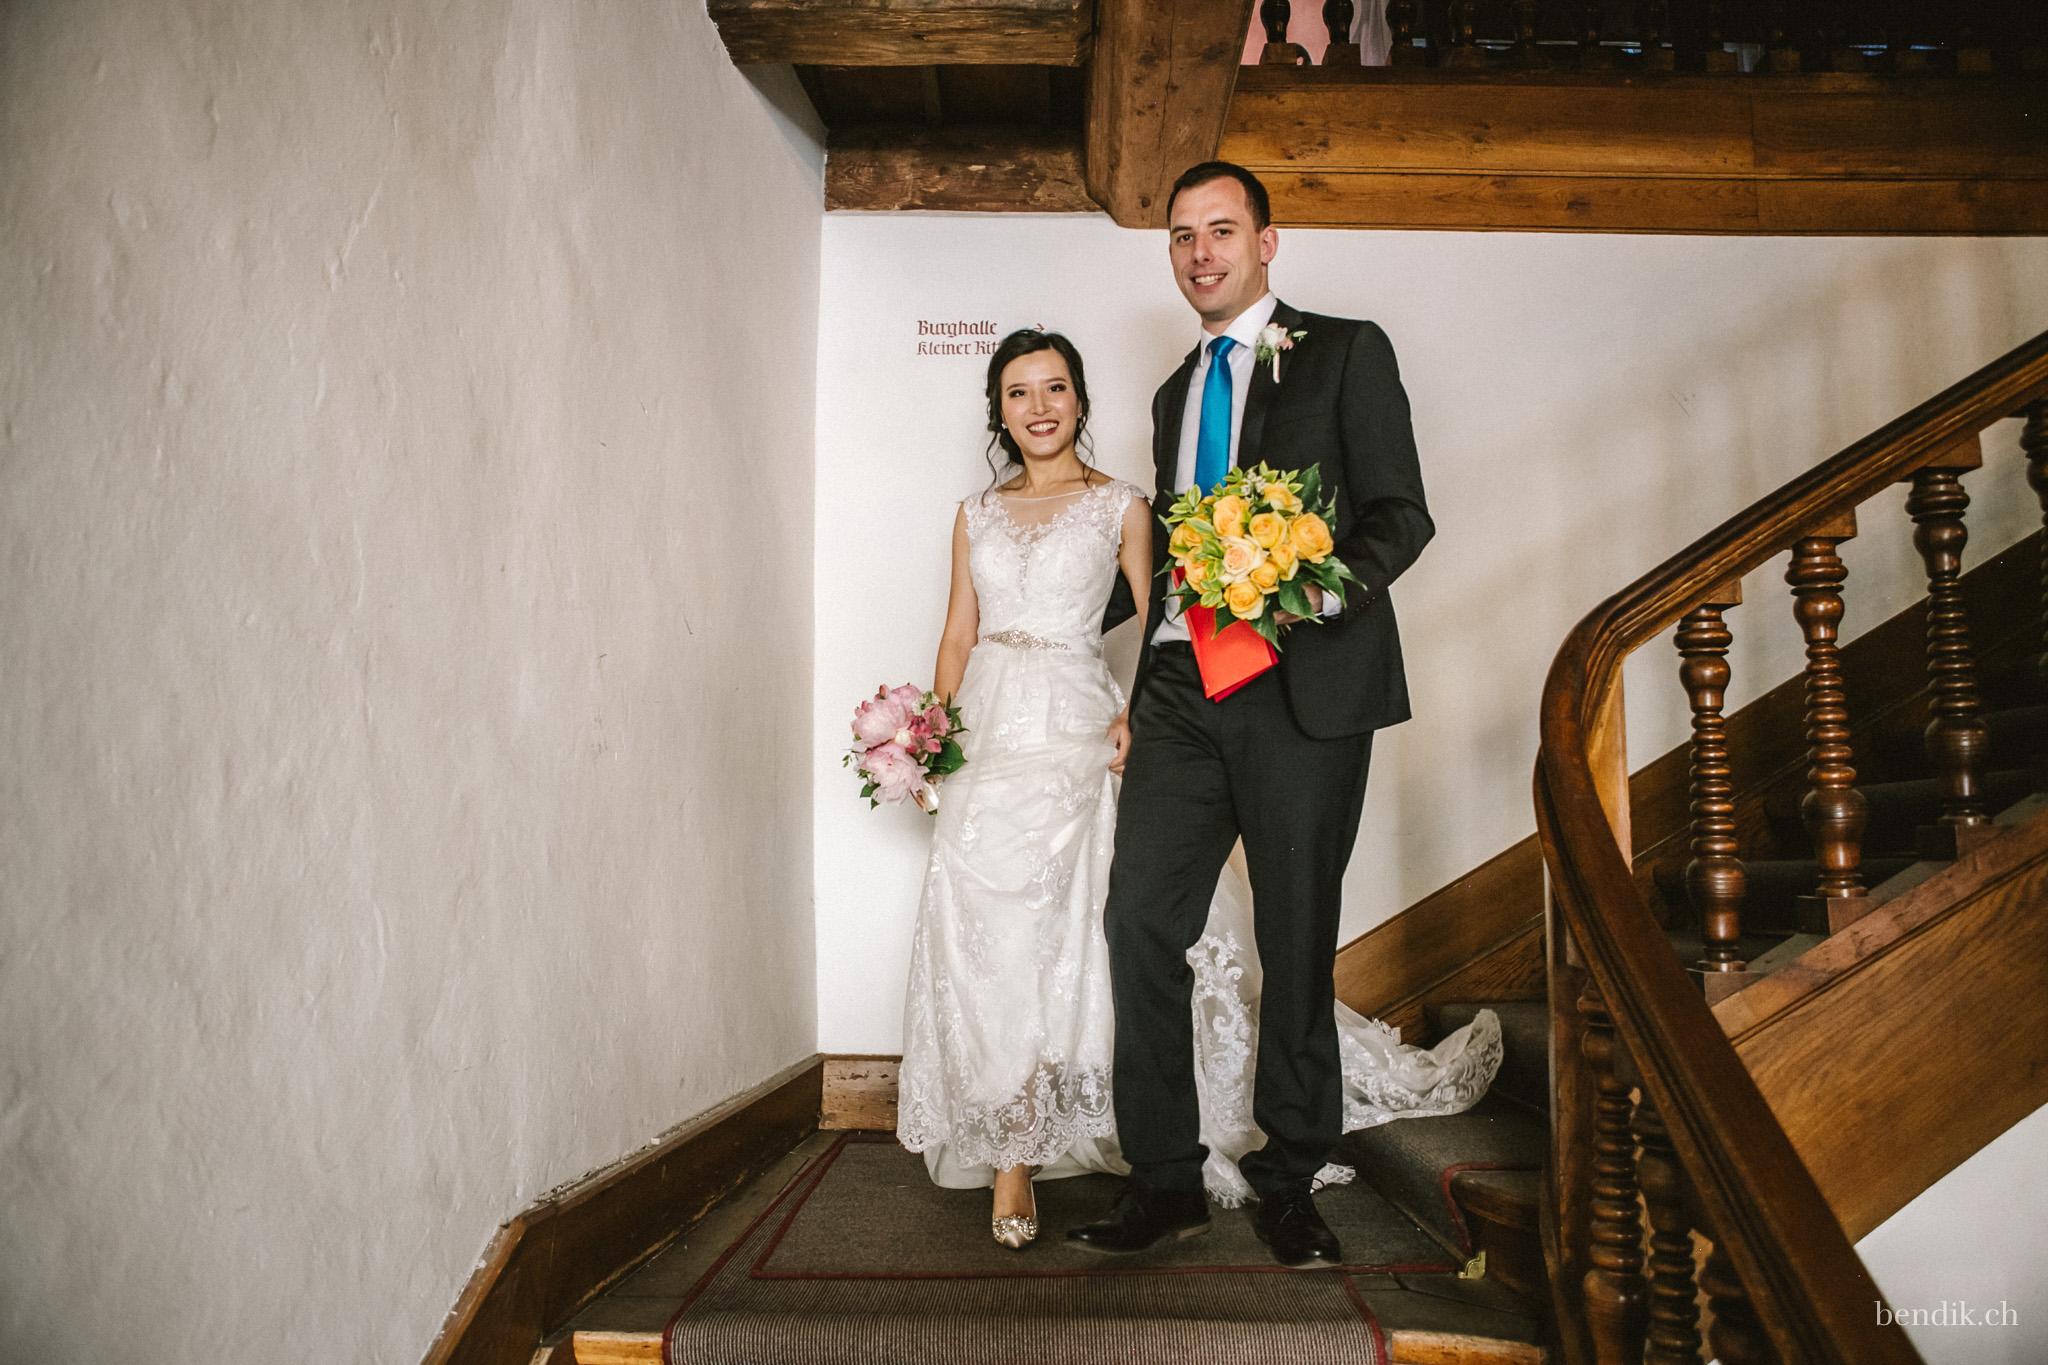 Frisch getrautes Brautpaar schreitet Treppe hinunter in Zivilstandsamt Rapperswil